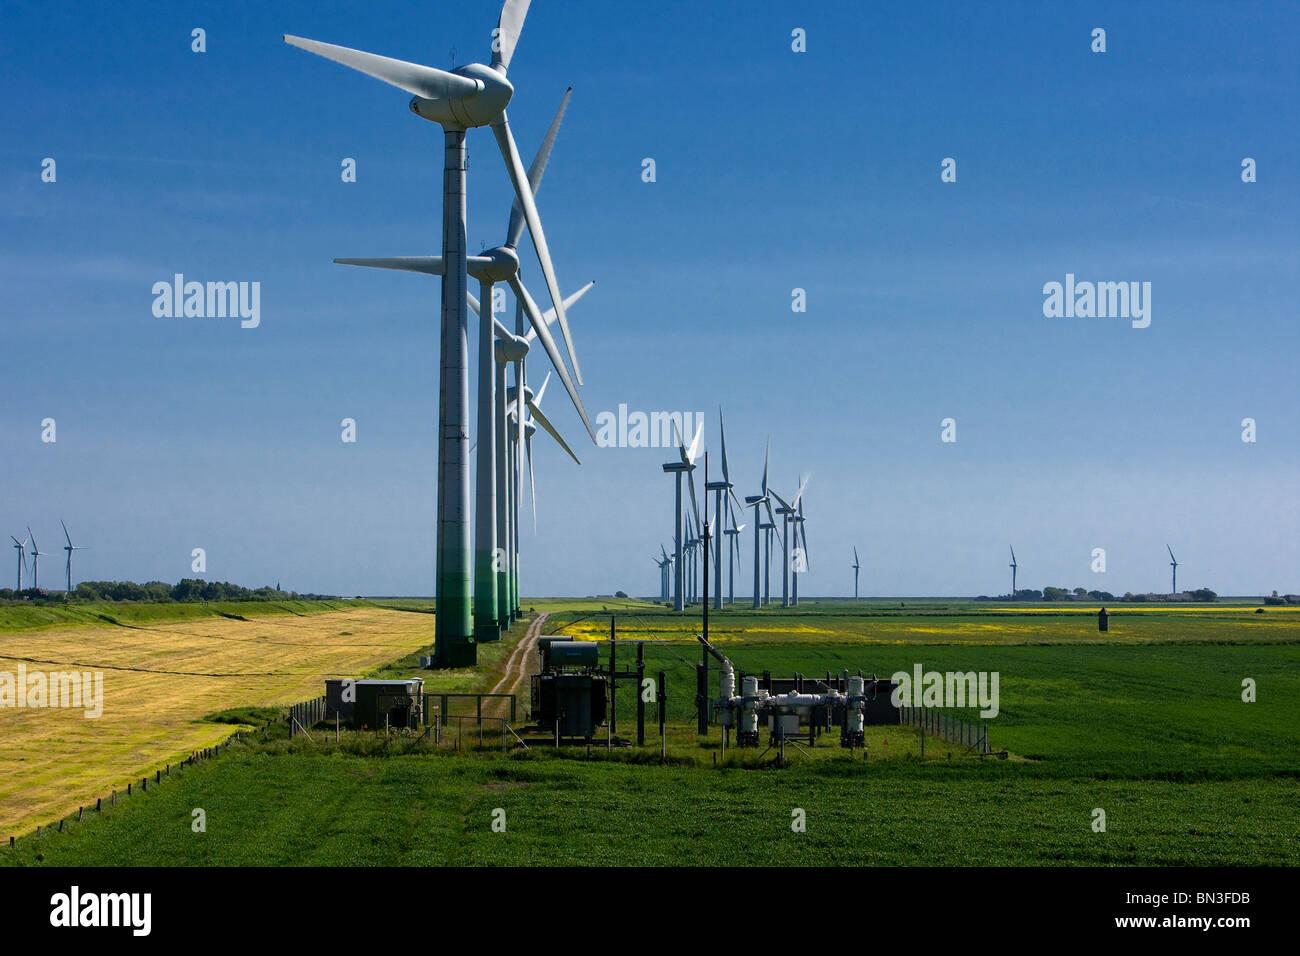 La planta de energía eólica, Niebuell, Schleswig-Holstein, Alemania Imagen De Stock